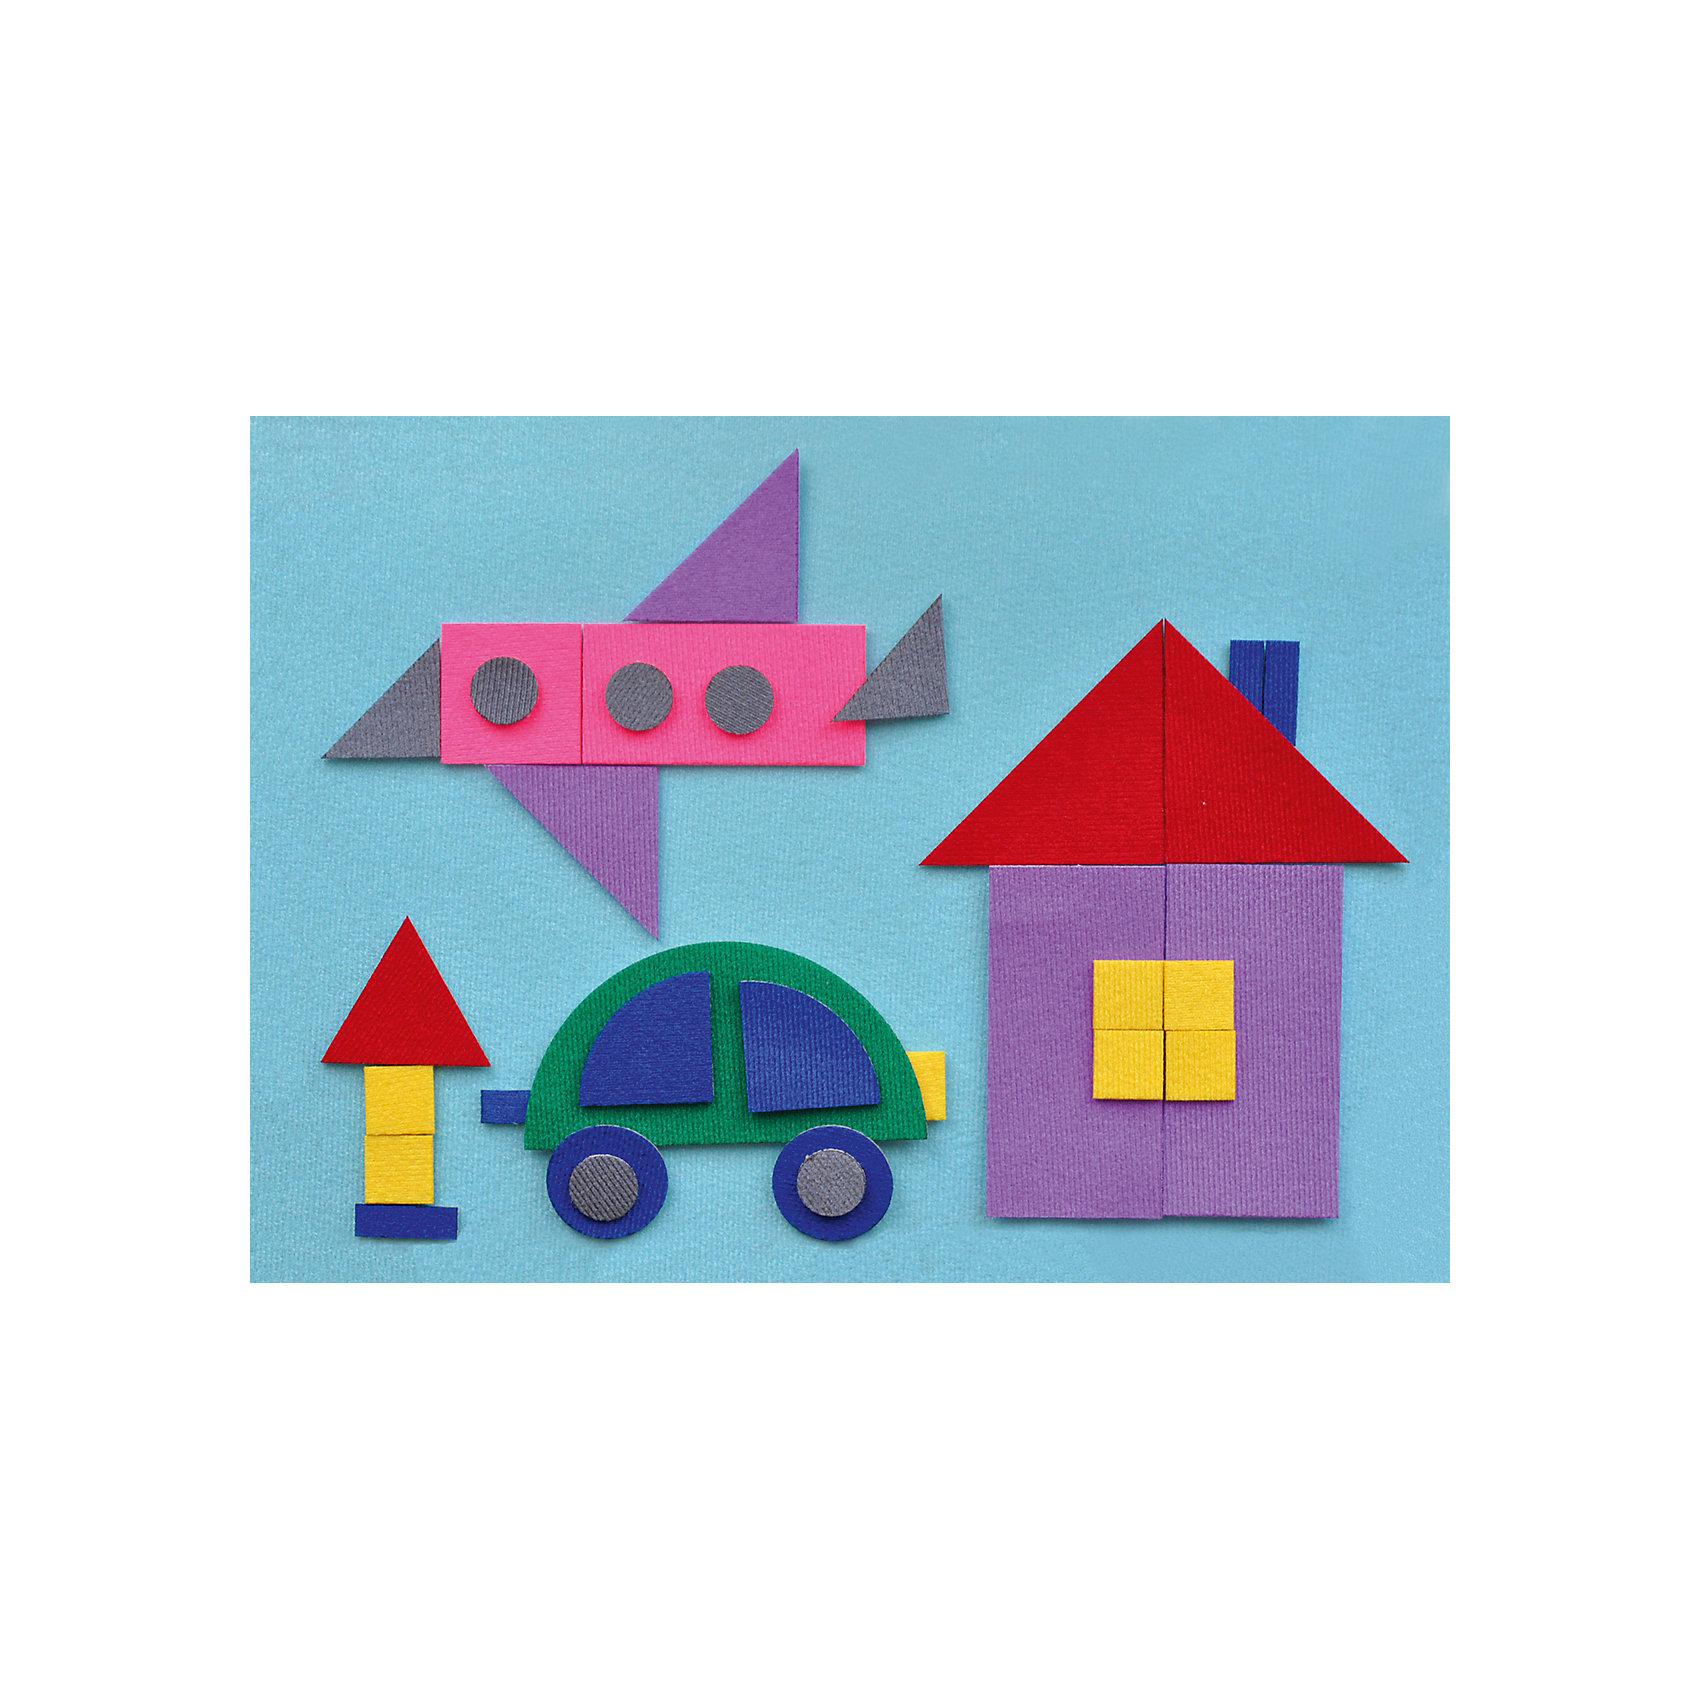 Игра на липучках Геометрическая мозаика 2, StigisСтигисы Геометрическая мозаика 2, Стигис от компании Стигис ТМ – это новое направление в развивающих игрушках для детей. Стигисы выполнены по инновационной технологии, представляющей собой основное поле и набор из фигурок- аппликаций. Элементы крепятся на поле за счет невидимых и безопасных липучек. Все элементы набора выполнены из качественных материалов, которые устойчивы к деформации и изменению цвета. Комплектация набора включает в экран и 32 различные по цвету и форме геометрические фигуры.<br>Стигисы Геометрическая мозаика 2 способствуют формированию первых математических представлений в легкой игровой форме, знакомит с основными геометрическими фигурами и цветами, развивает логическое и пространственное мышление. <br>Стигисы Геометрическая мозаика 2 может использоваться как дополнение к набору Геометрическая мозаика 1<br><br>Дополнительная информация:<br><br>- Вид игр: сюжетно-ролевые игры, развивающие<br>- Предназначение: для дома, для детских садов, для развивающих центров<br>- Материал: текстиль<br>- Комплектация: экран 30*21 см, 32 геометрические фигуры<br>- Размер упаковки (ДхШхВ): 30*21,5*5 см<br>- Вес: 140 г<br>- Особенности ухода: допускается сухая чистка<br><br>Подробнее:<br><br>• Для детей в возрасте: от 2 лет и до 10 лет <br>• Страна производитель: Россия<br>• Торговый бренд: Стигис ТМ<br><br>Стигисы Геометрическая мозаика 2, Стигис можно купить в нашем интернет-магазине.<br><br>Ширина мм: 300<br>Глубина мм: 215<br>Высота мм: 5<br>Вес г: 140<br>Возраст от месяцев: 24<br>Возраст до месяцев: 120<br>Пол: Унисекс<br>Возраст: Детский<br>SKU: 4936347